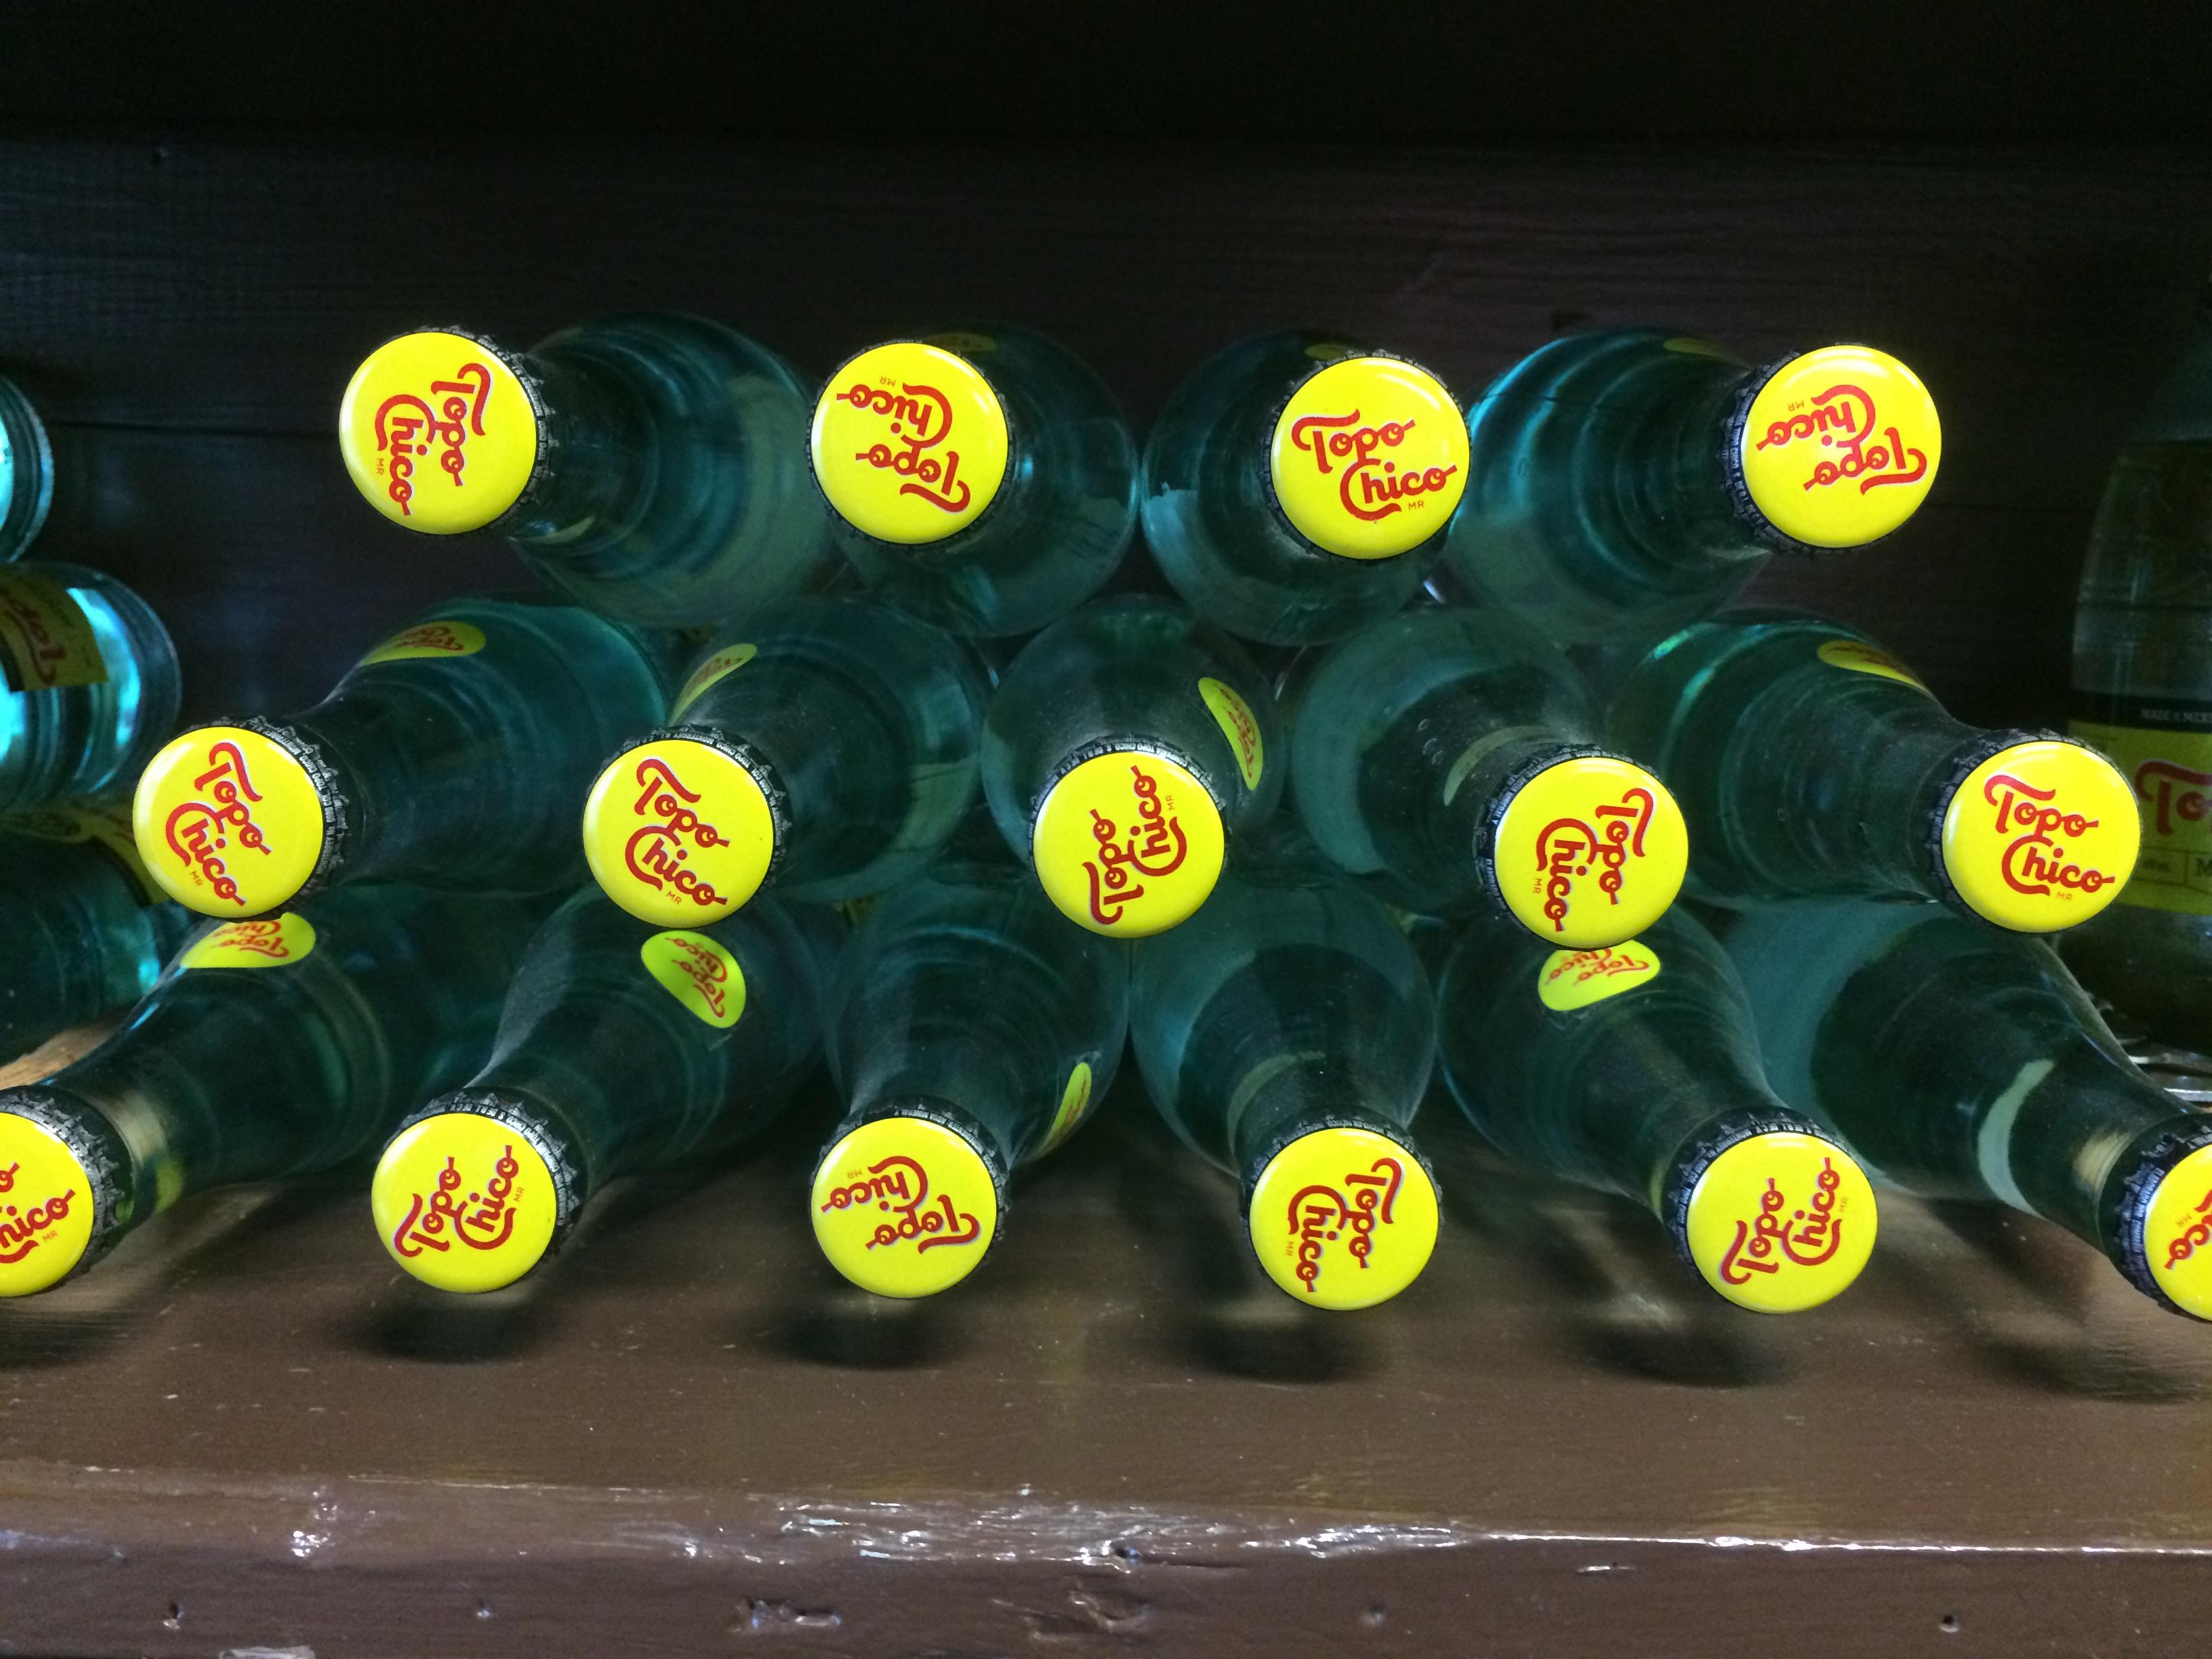 Topo Bottles